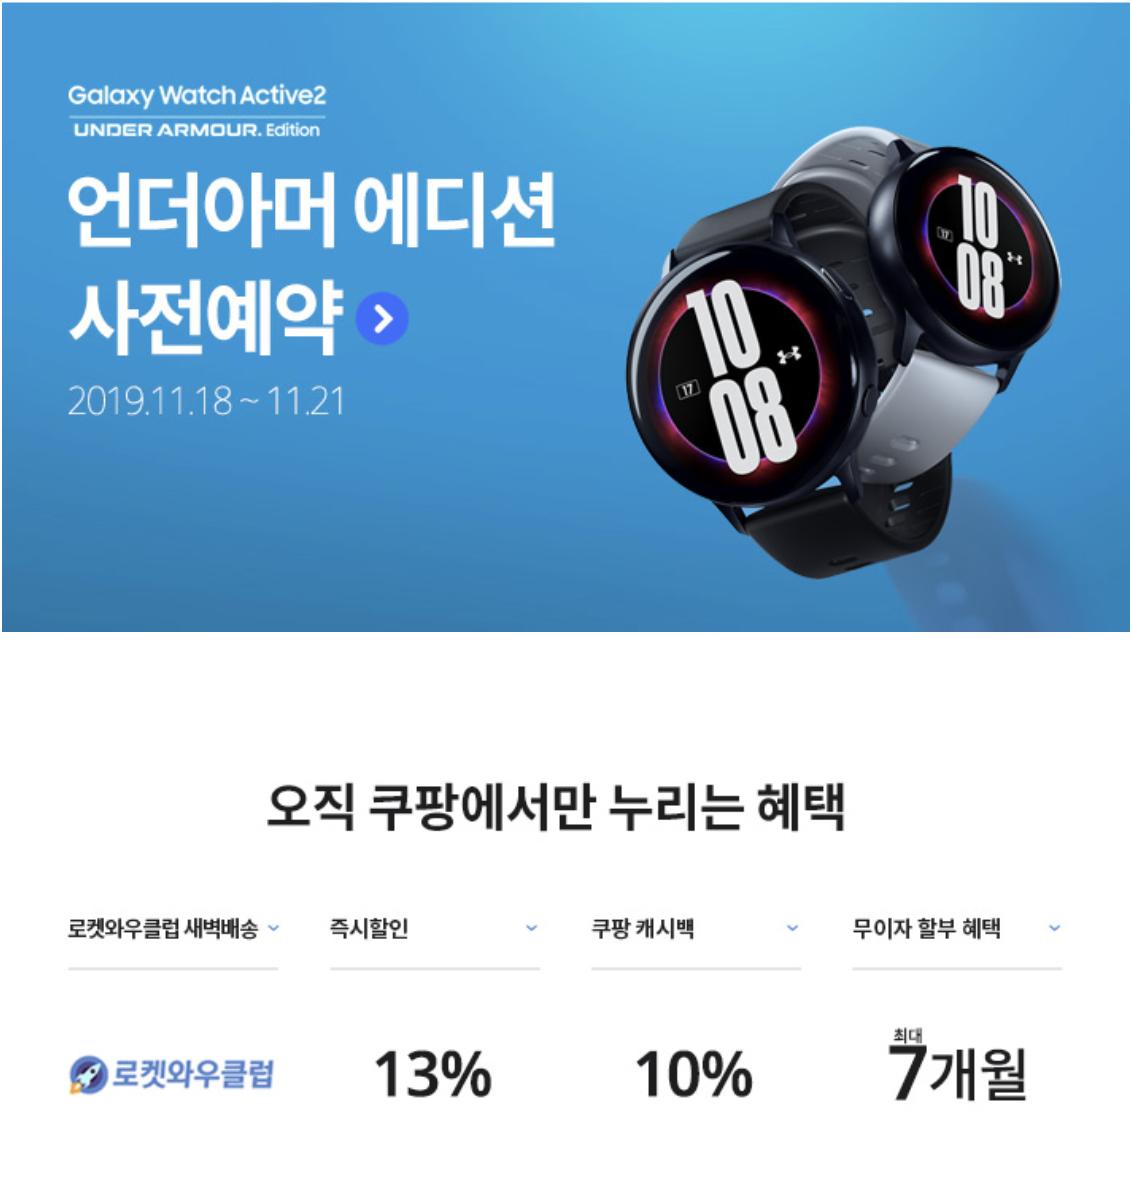 Galaxy watch Active 2 언더아머 에디션 사전 예약중 쿠팡 특가 즉시할인 13% 쿠팡 캐시백 10% 무이자할부 최대 7개월 #쿠팡 #로켓배송 #로켓와우클럽 #갤럭시워치 #엑티브2 #언더아머 에디션